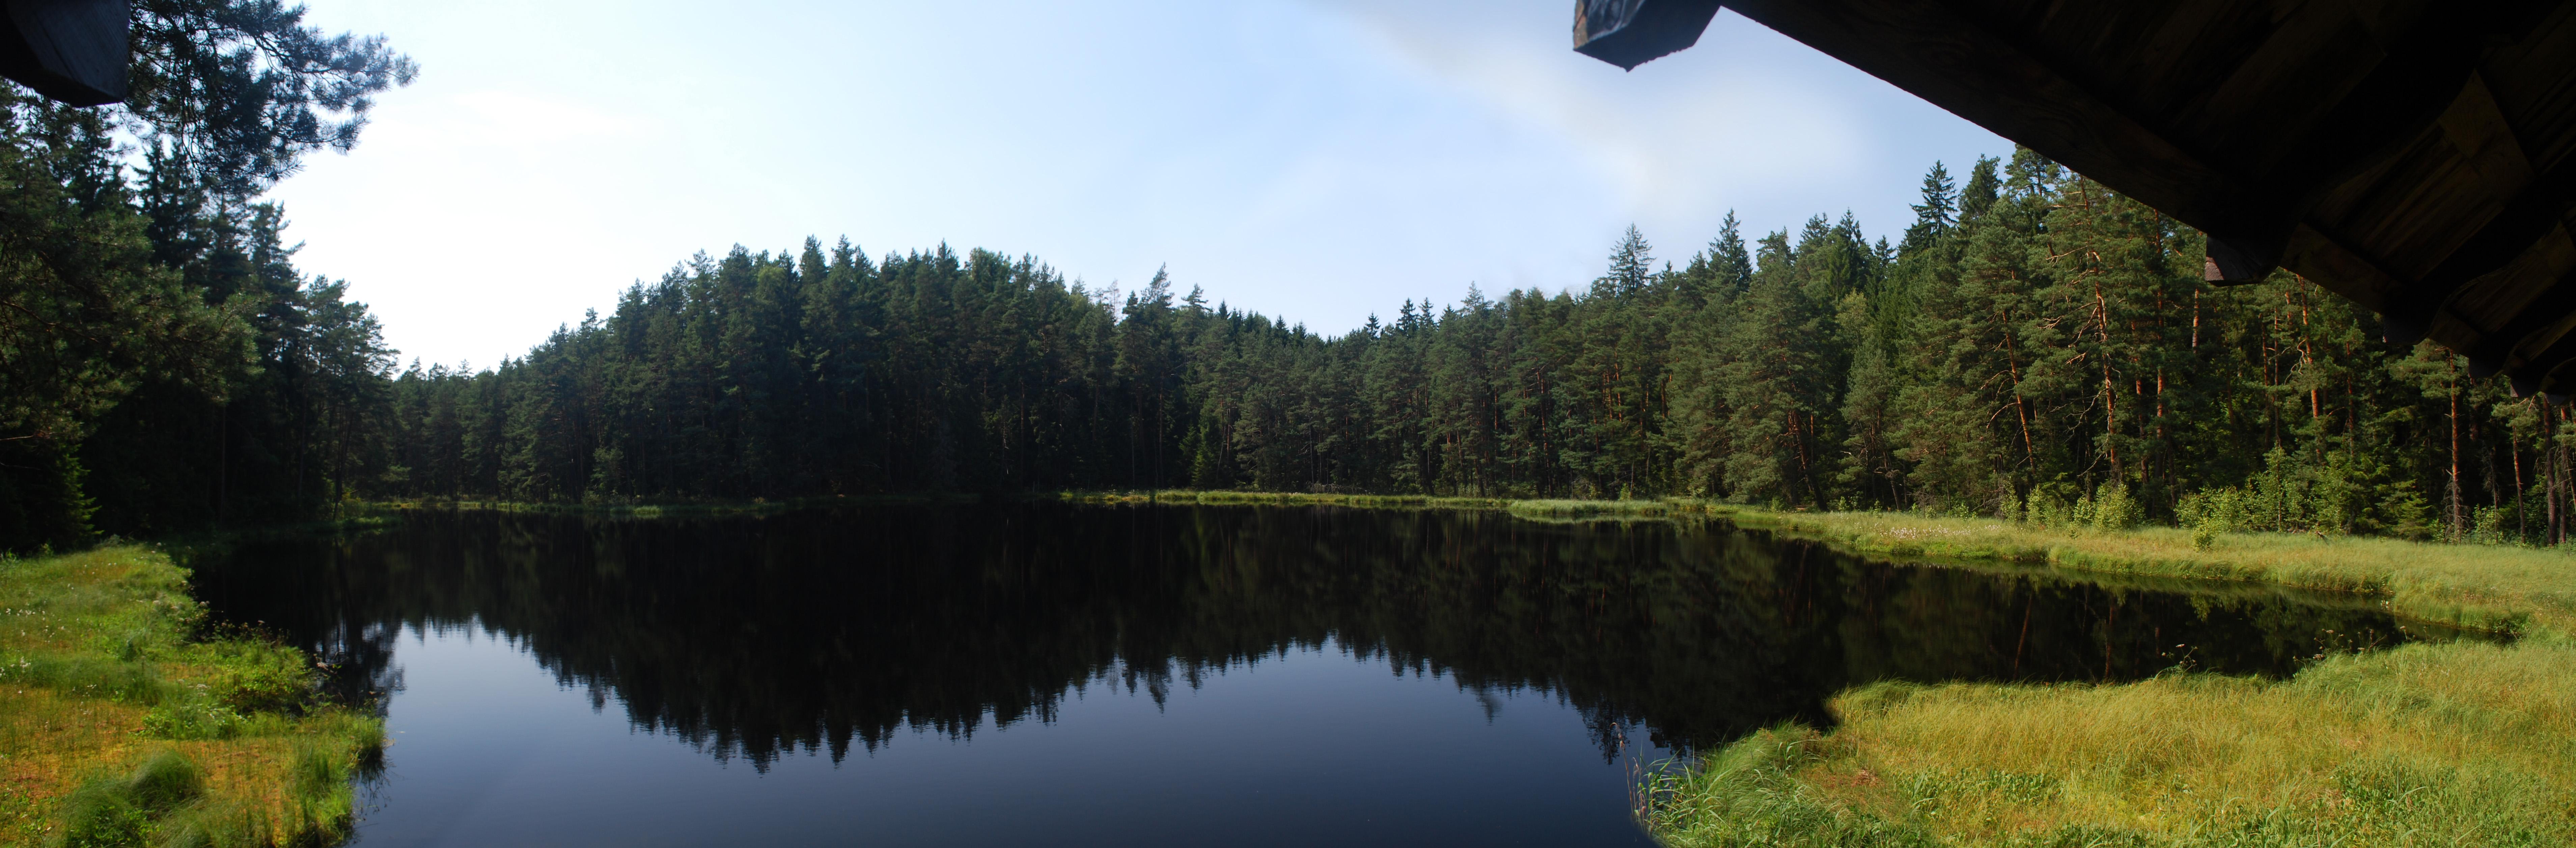 Wigierski suchary 4 panorama.jpg